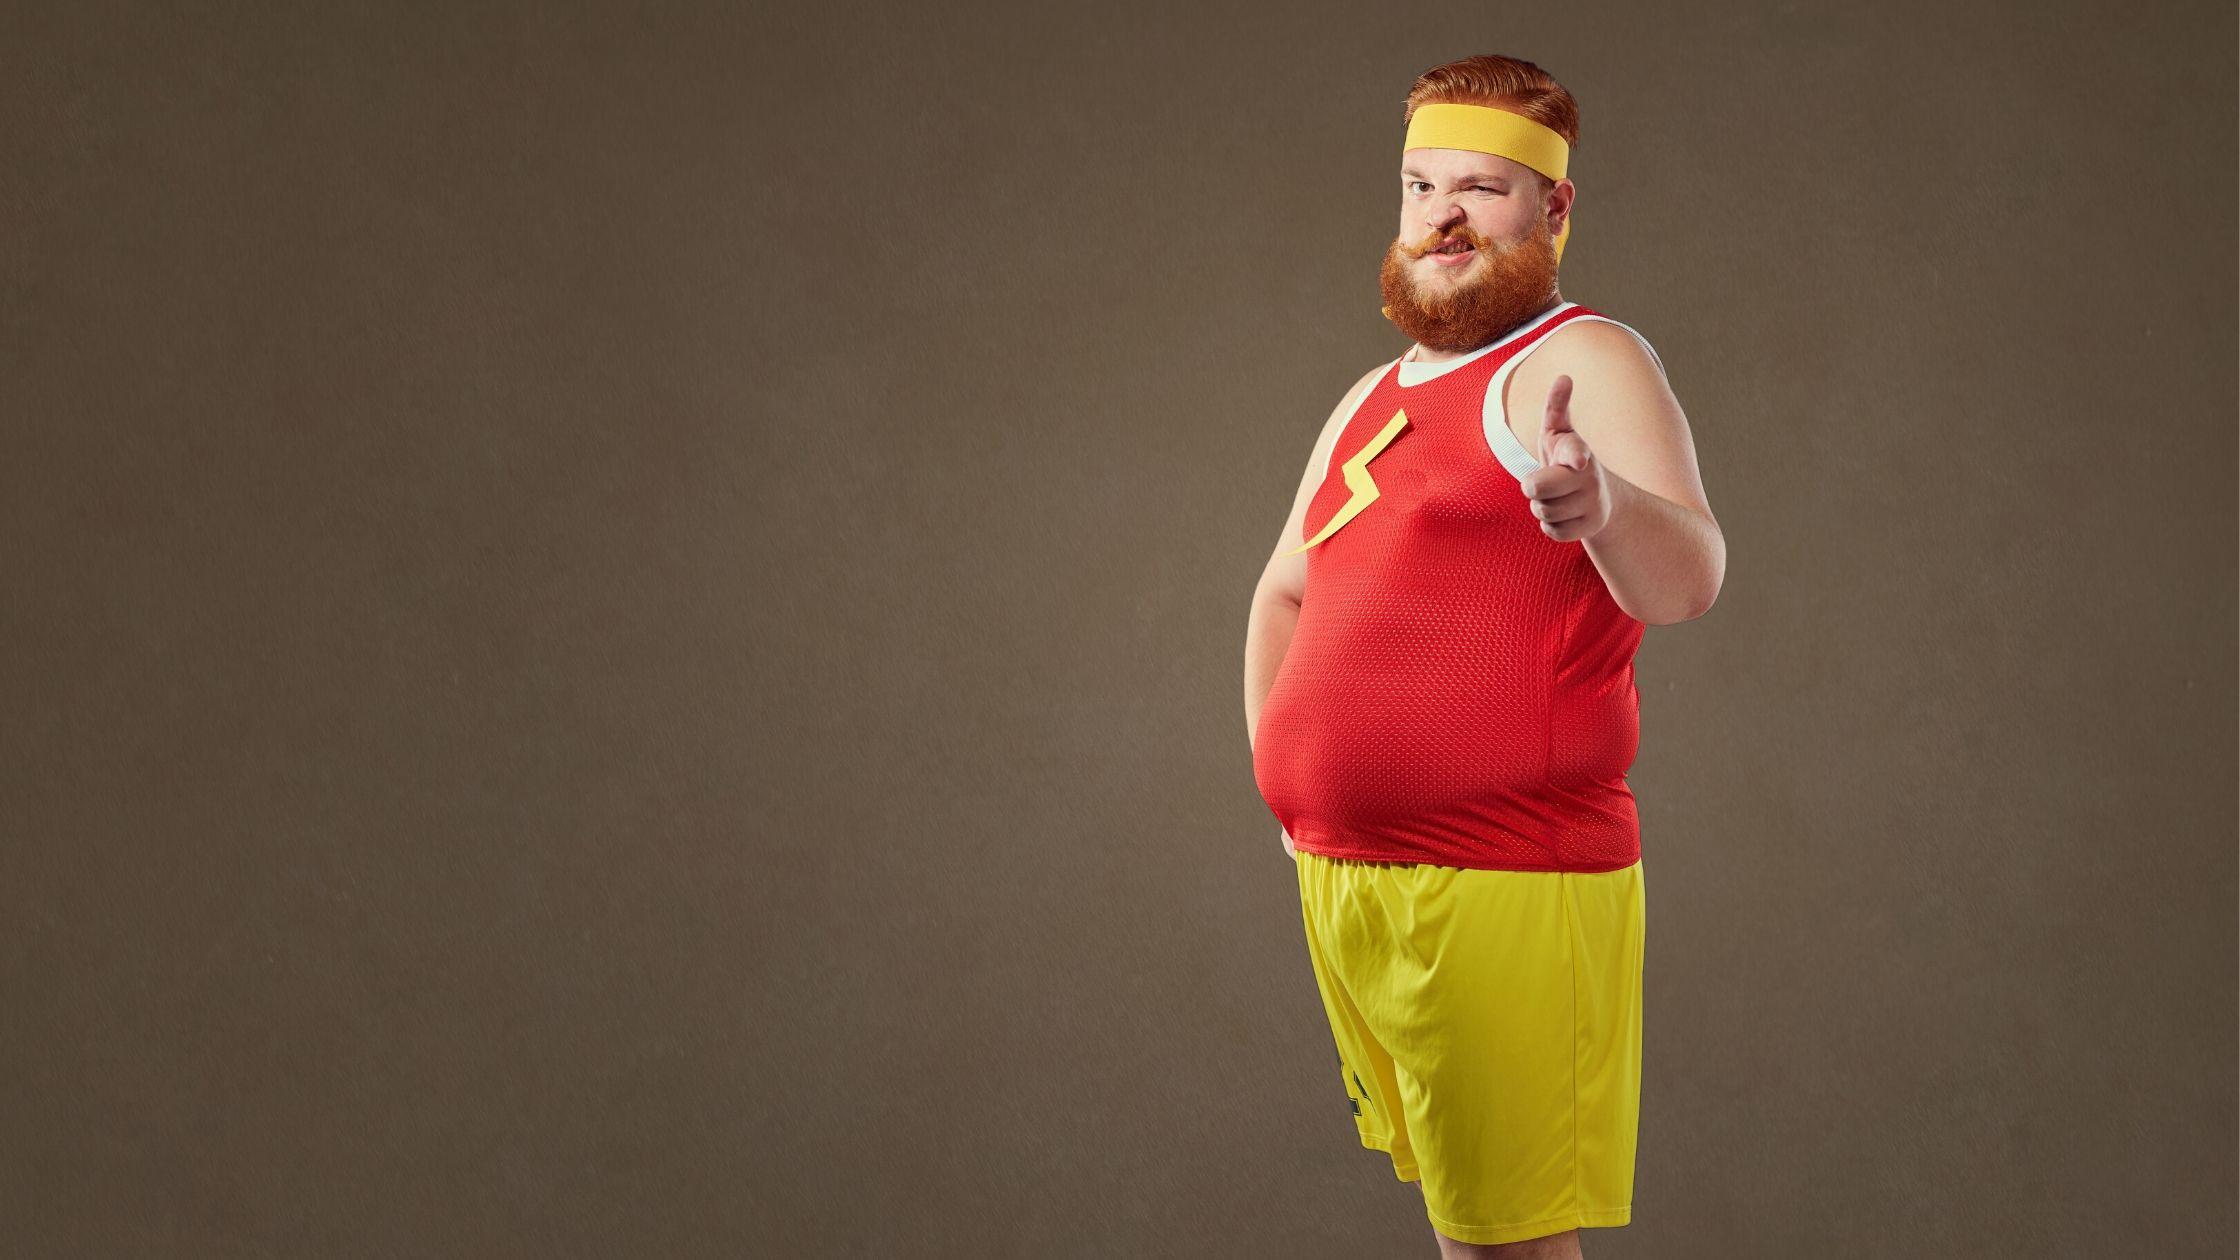 Puoi rimetterti in forma dopo i 40 anni?